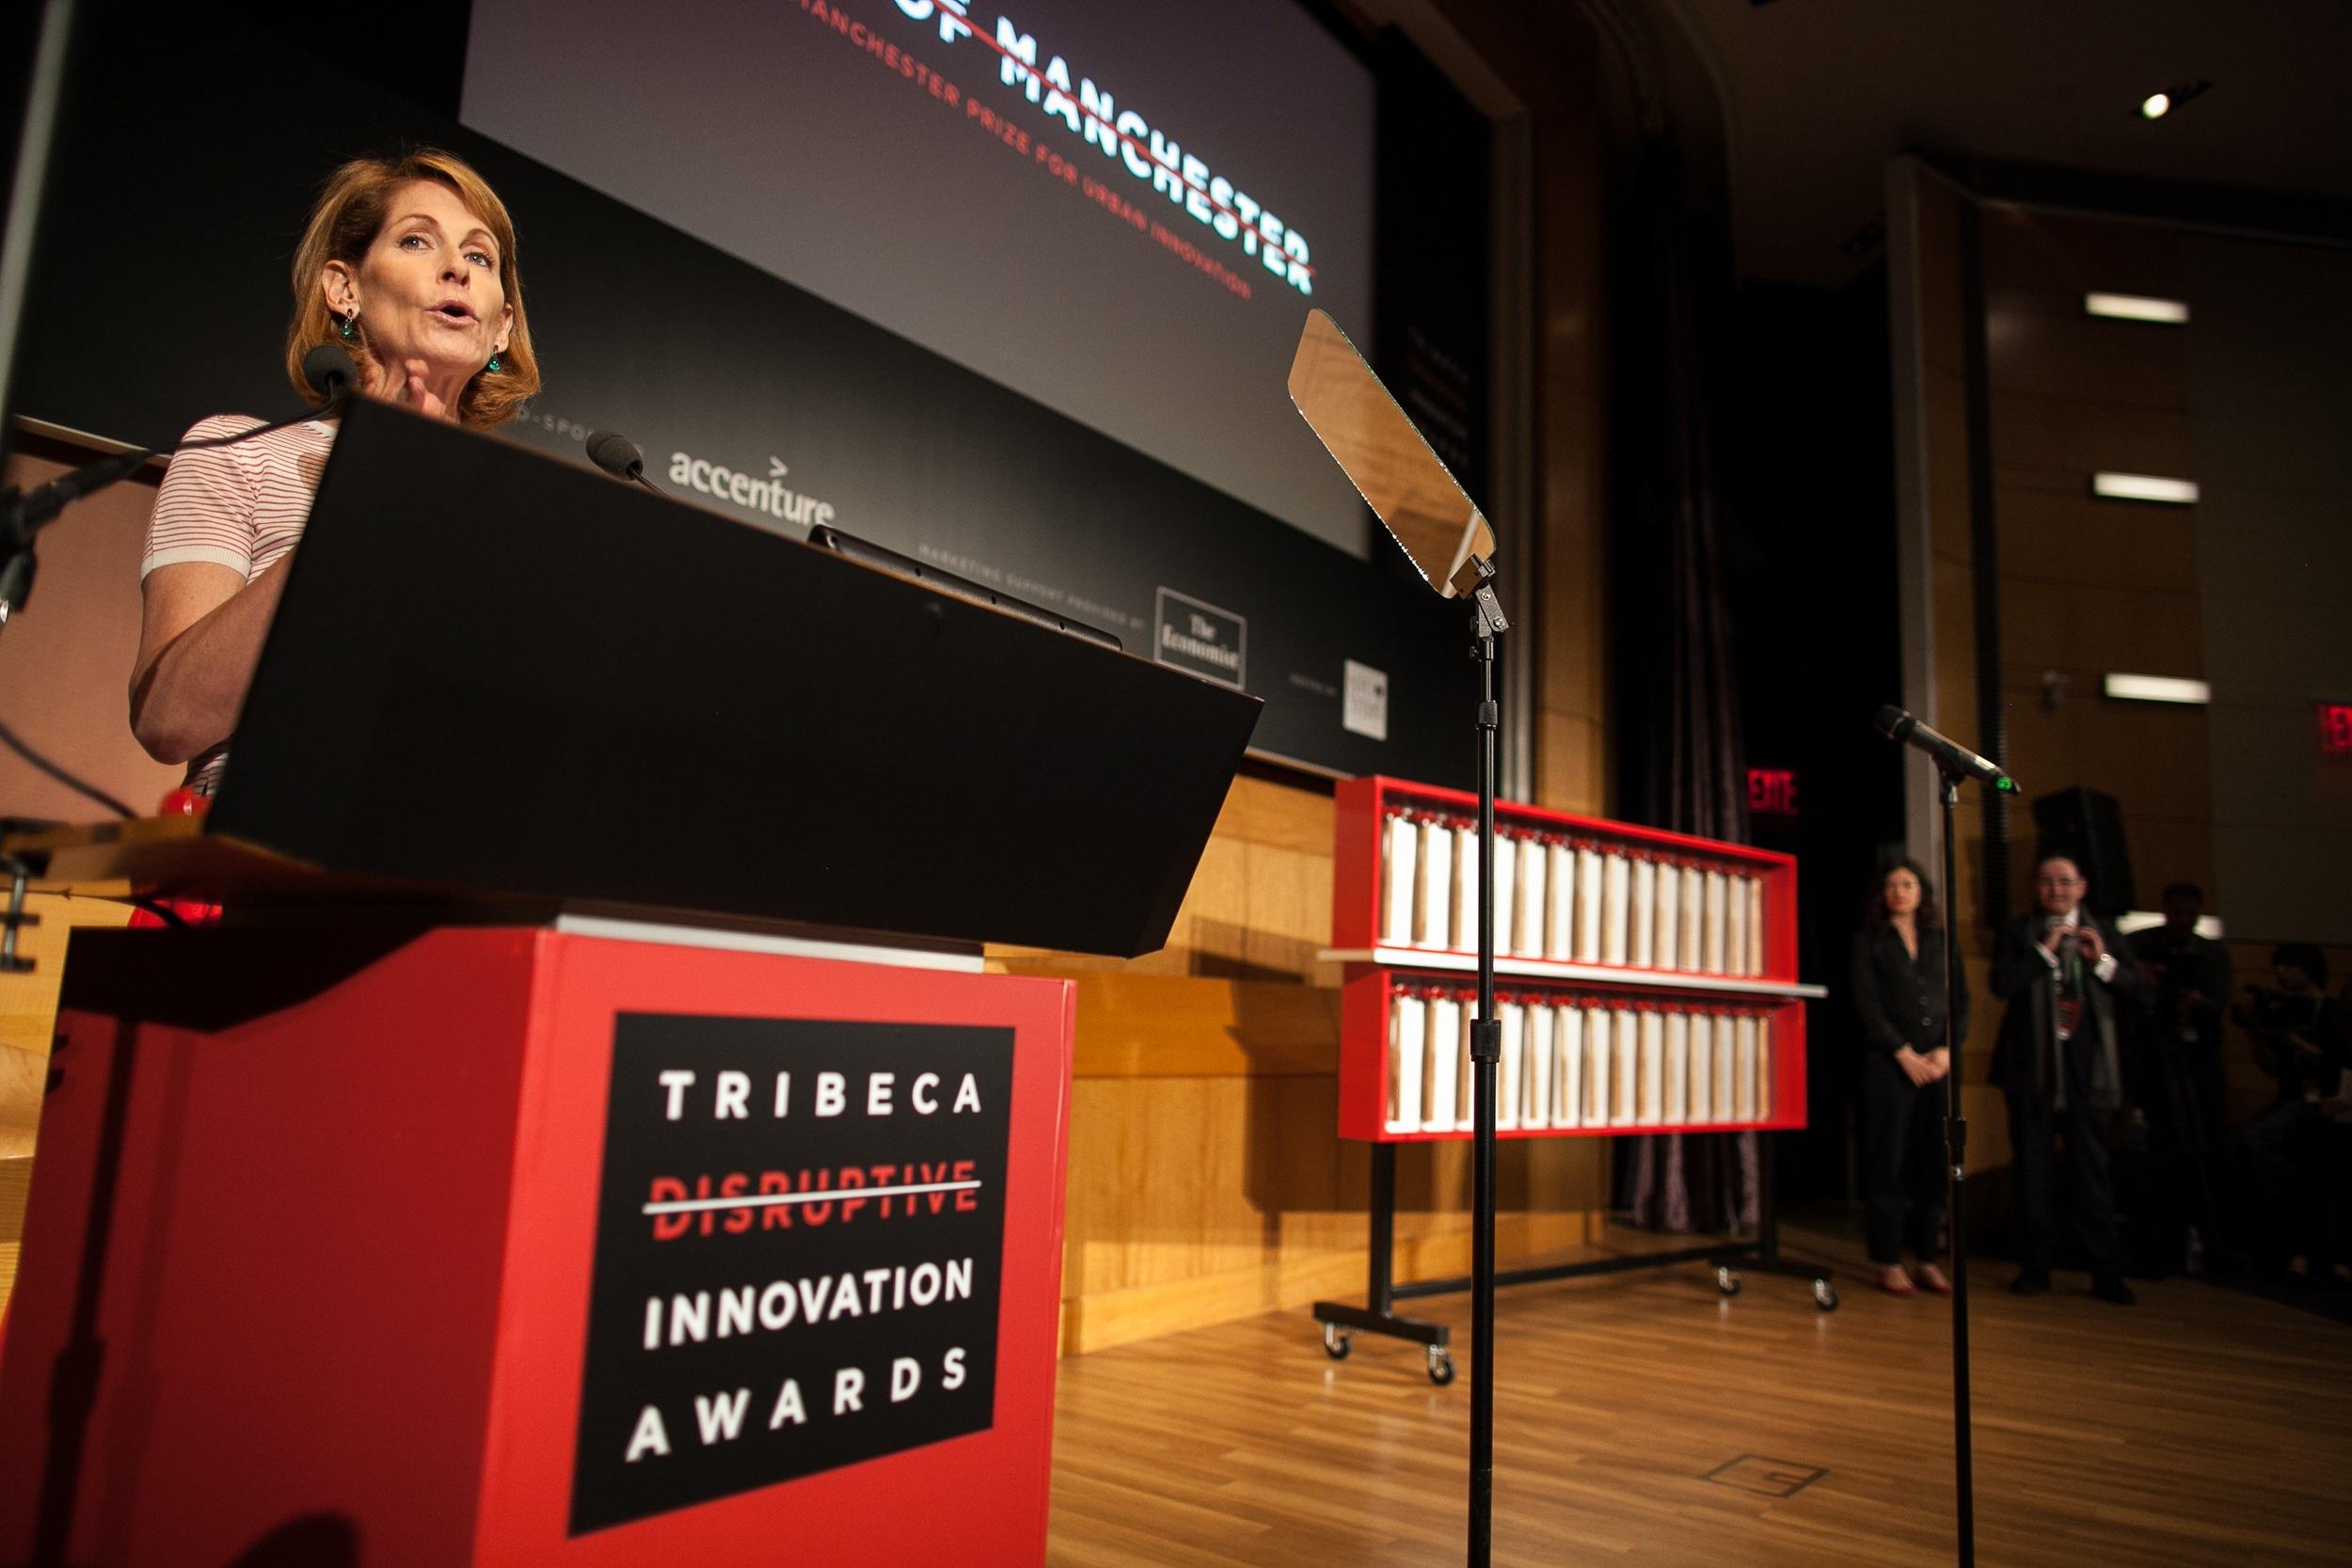 Tribeca Disruptive Innovation Awards 2013 - 050.jpg